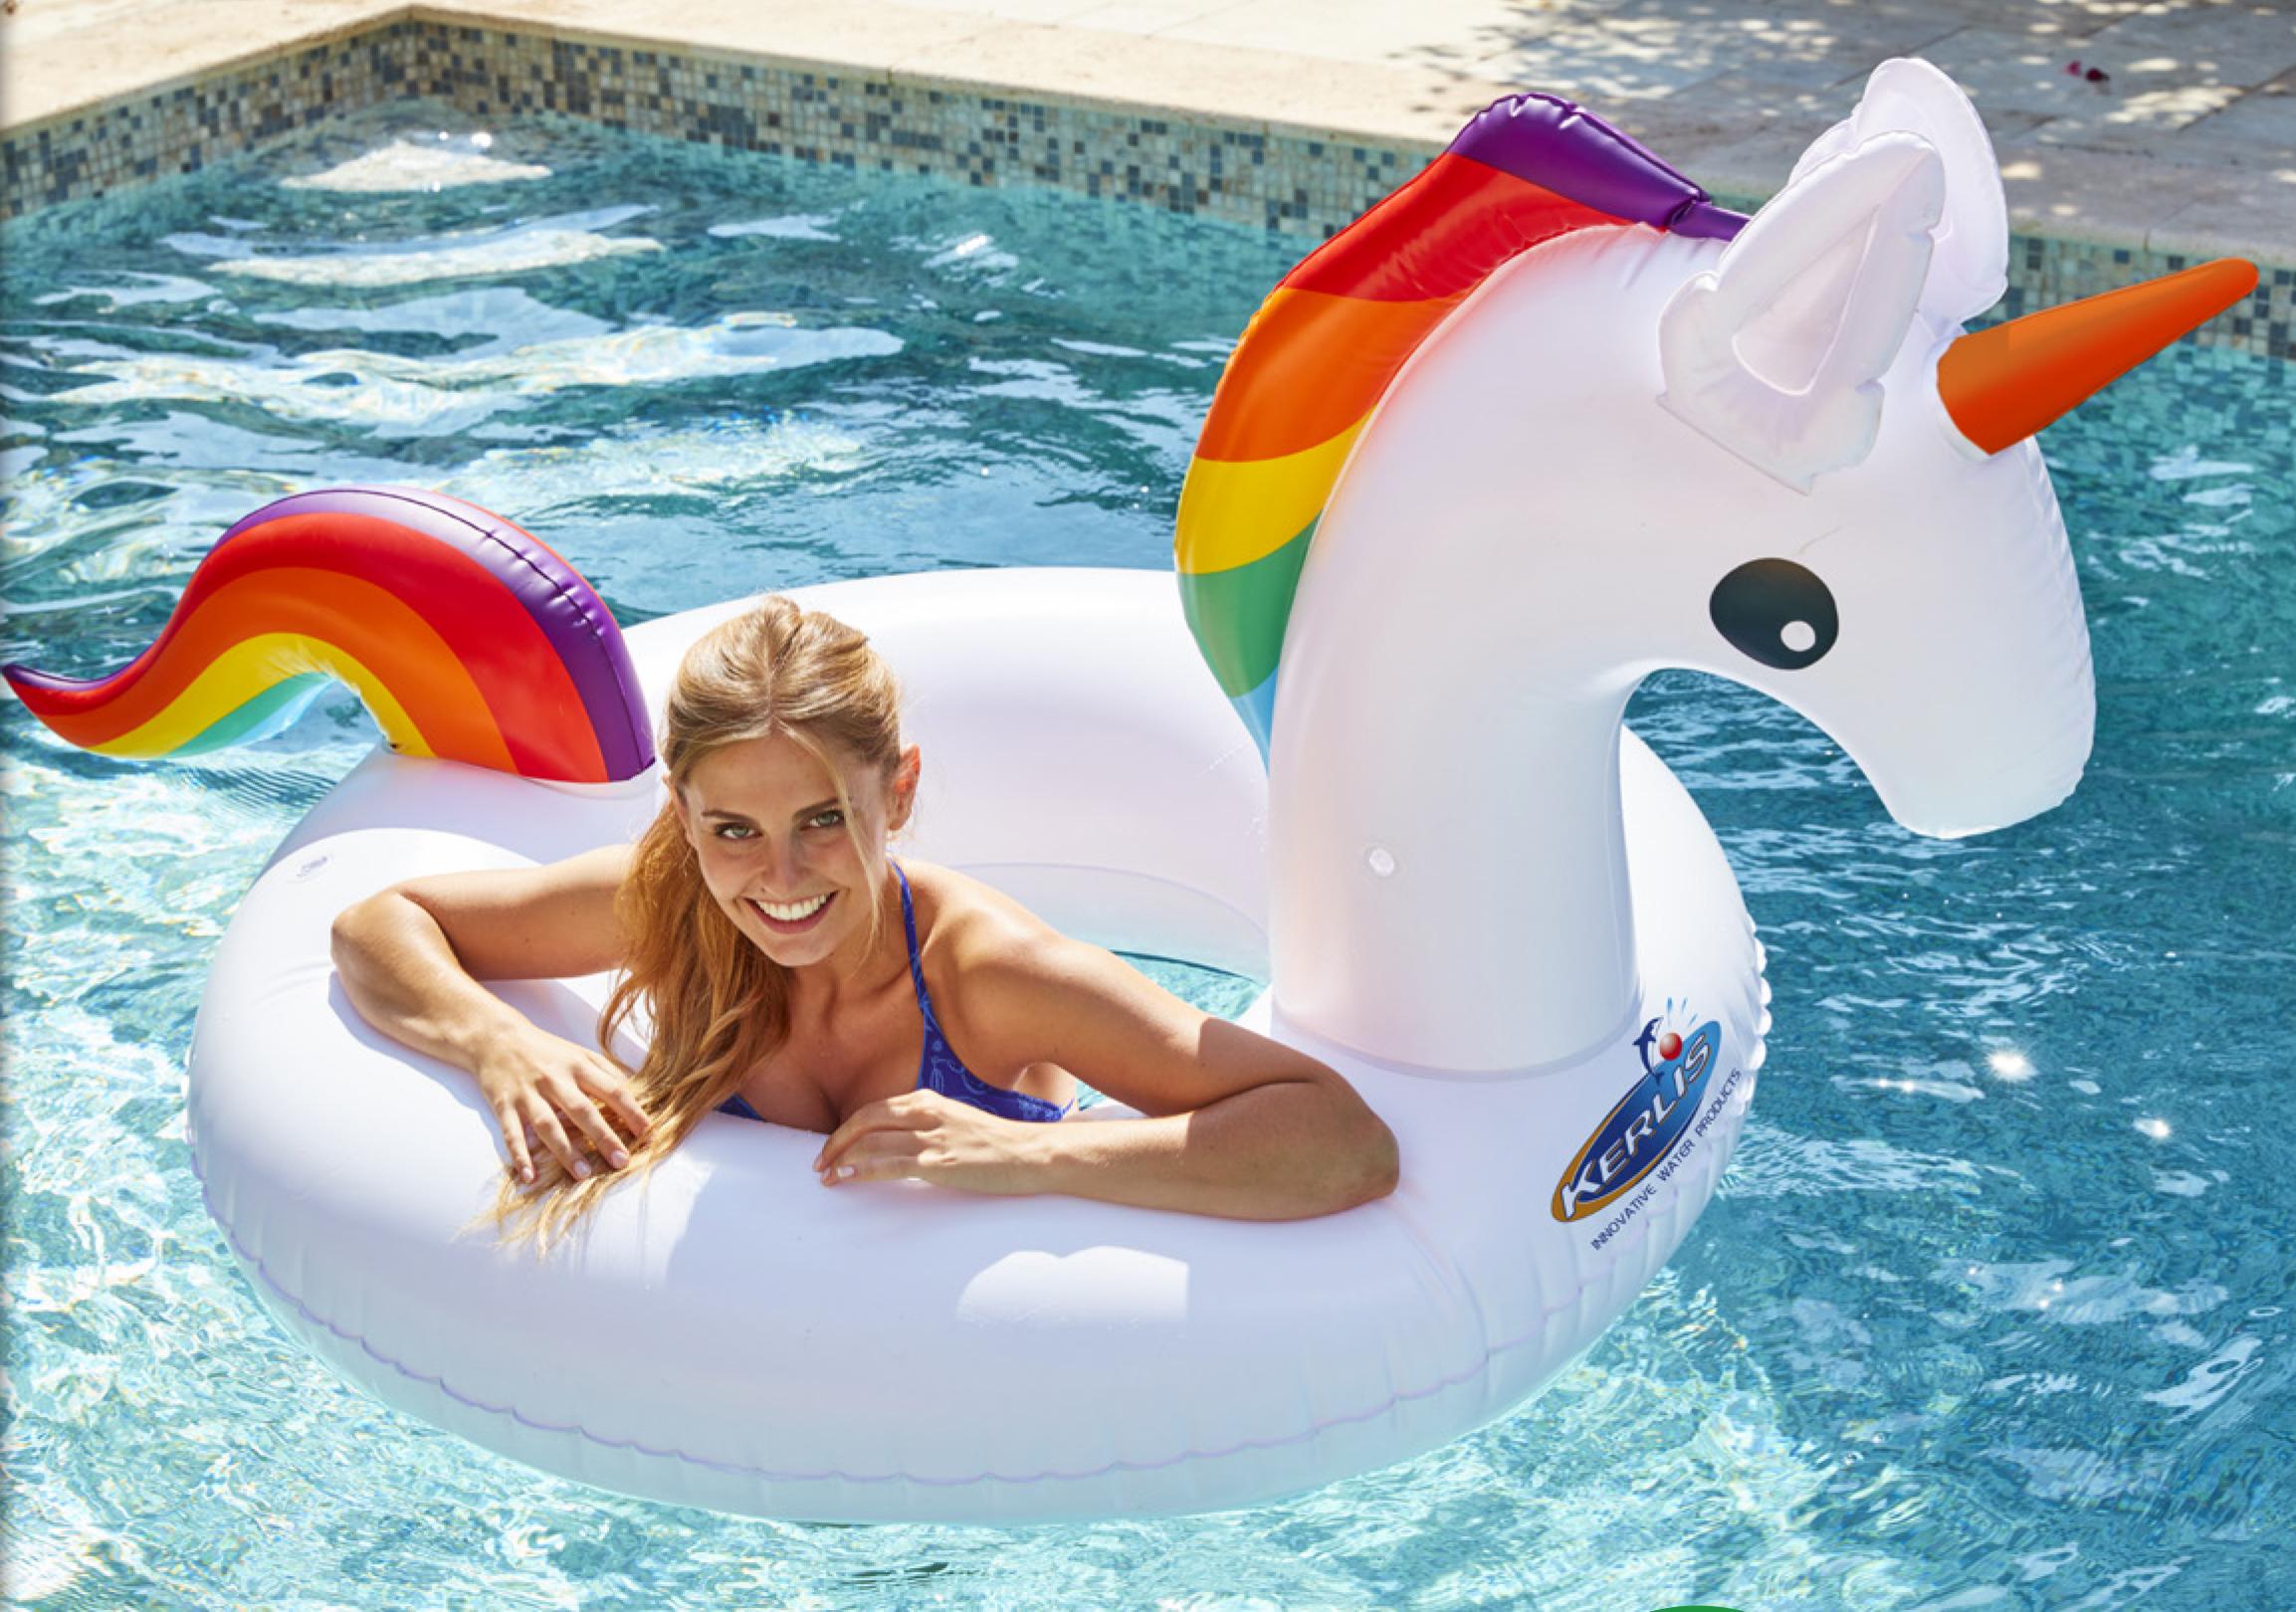 Un fotografo per sponsorizzare il tuo b b sui social scegliere la foto giusta mytripmap - Unicorno gonfiabile piscina ...